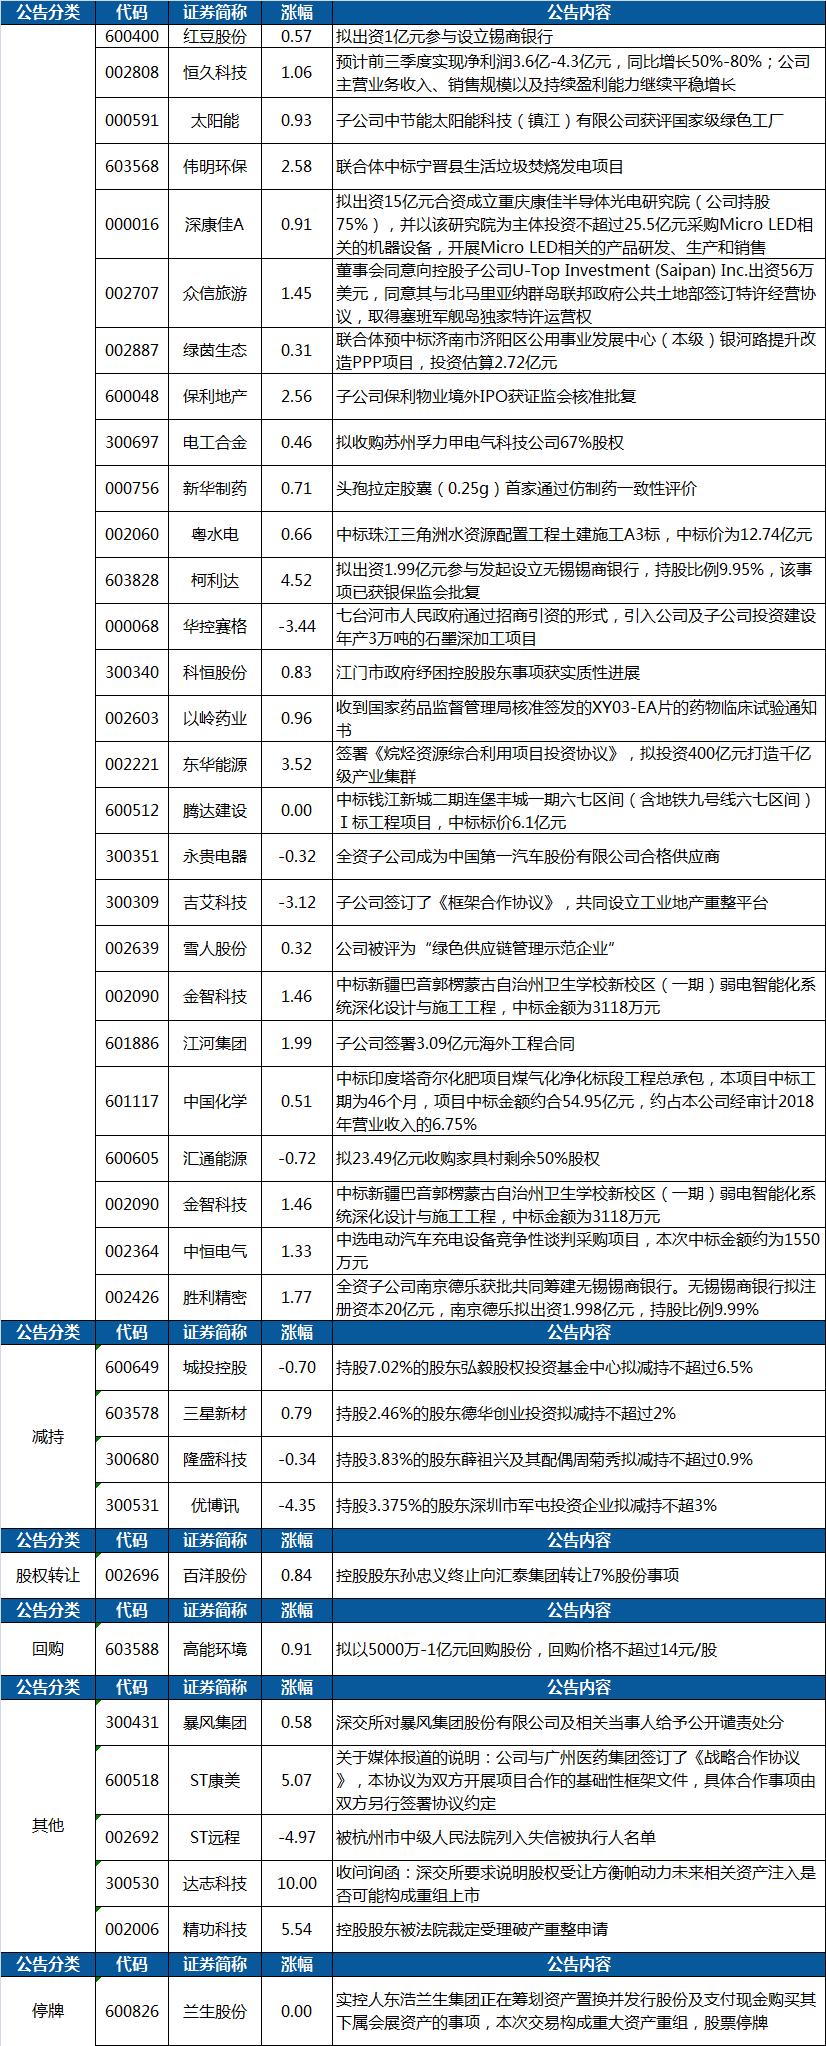 与广州医药集团签订了《战略合作协议》,ST康美今日涨停;拟出资1.99亿元参与发起设立无锡锡商银行,柯利达上涨超4%